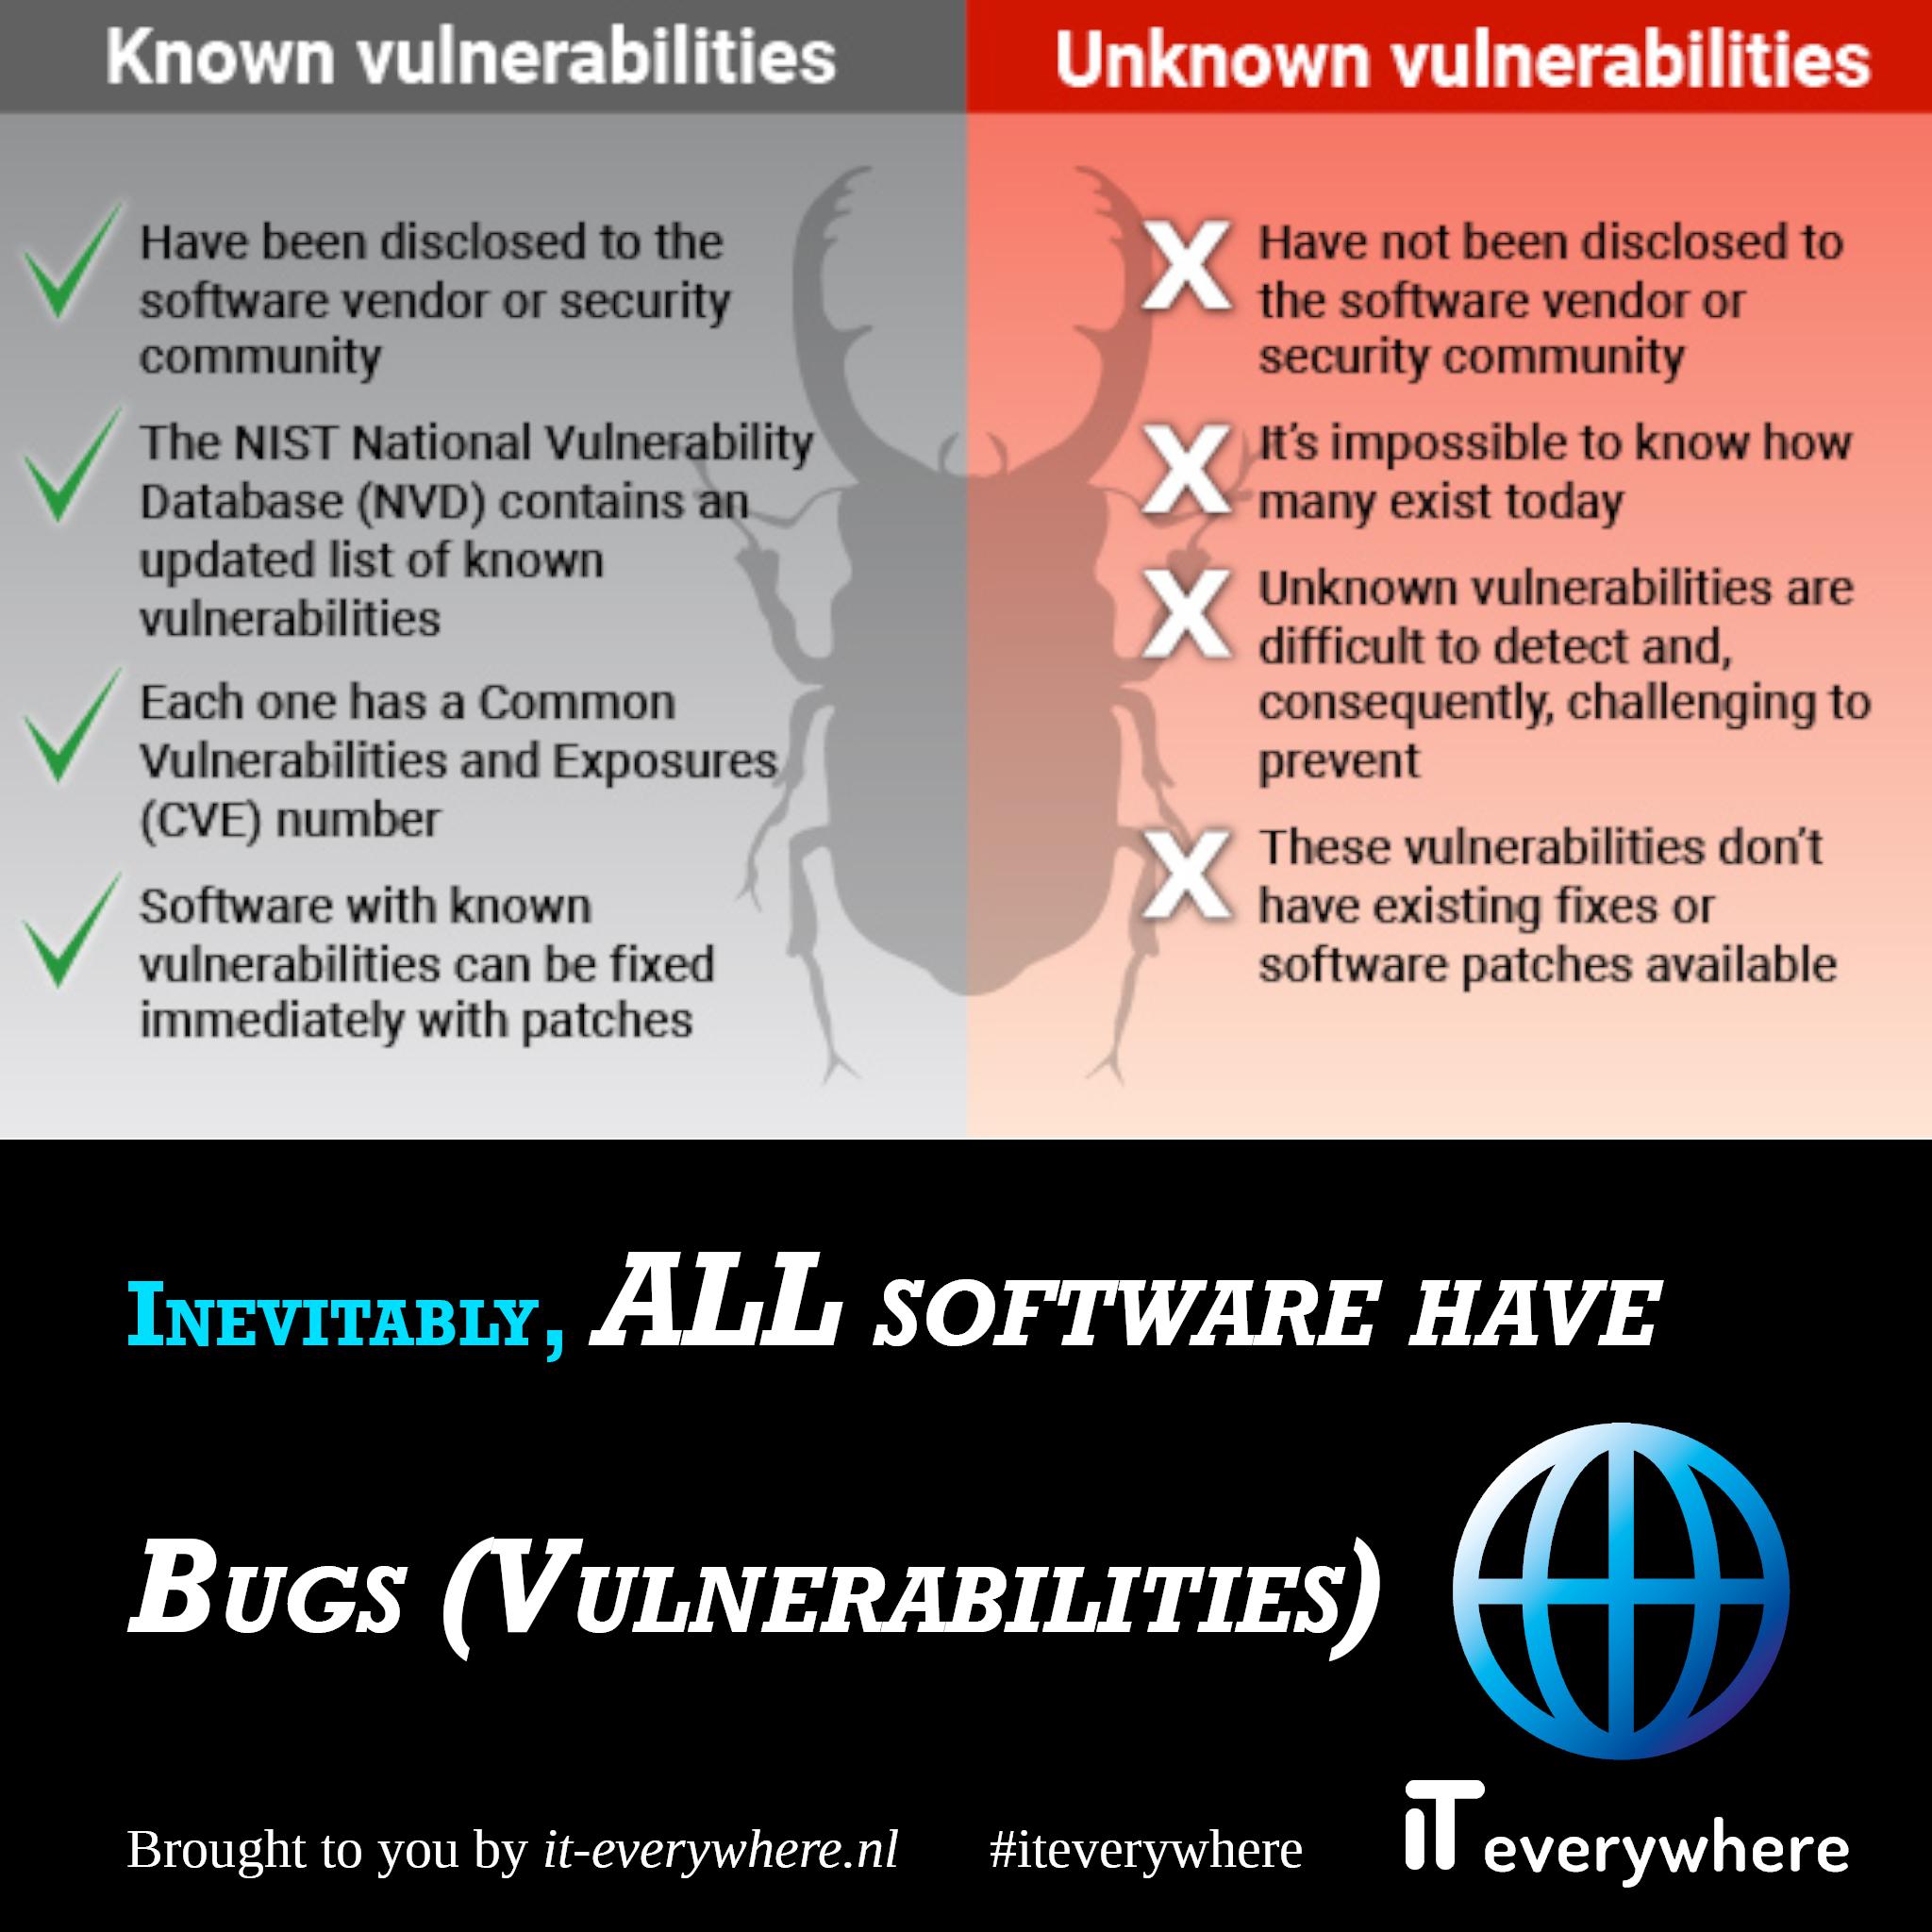 Elke software heeft onvermijdelijk bugs of kwetsbaarheden